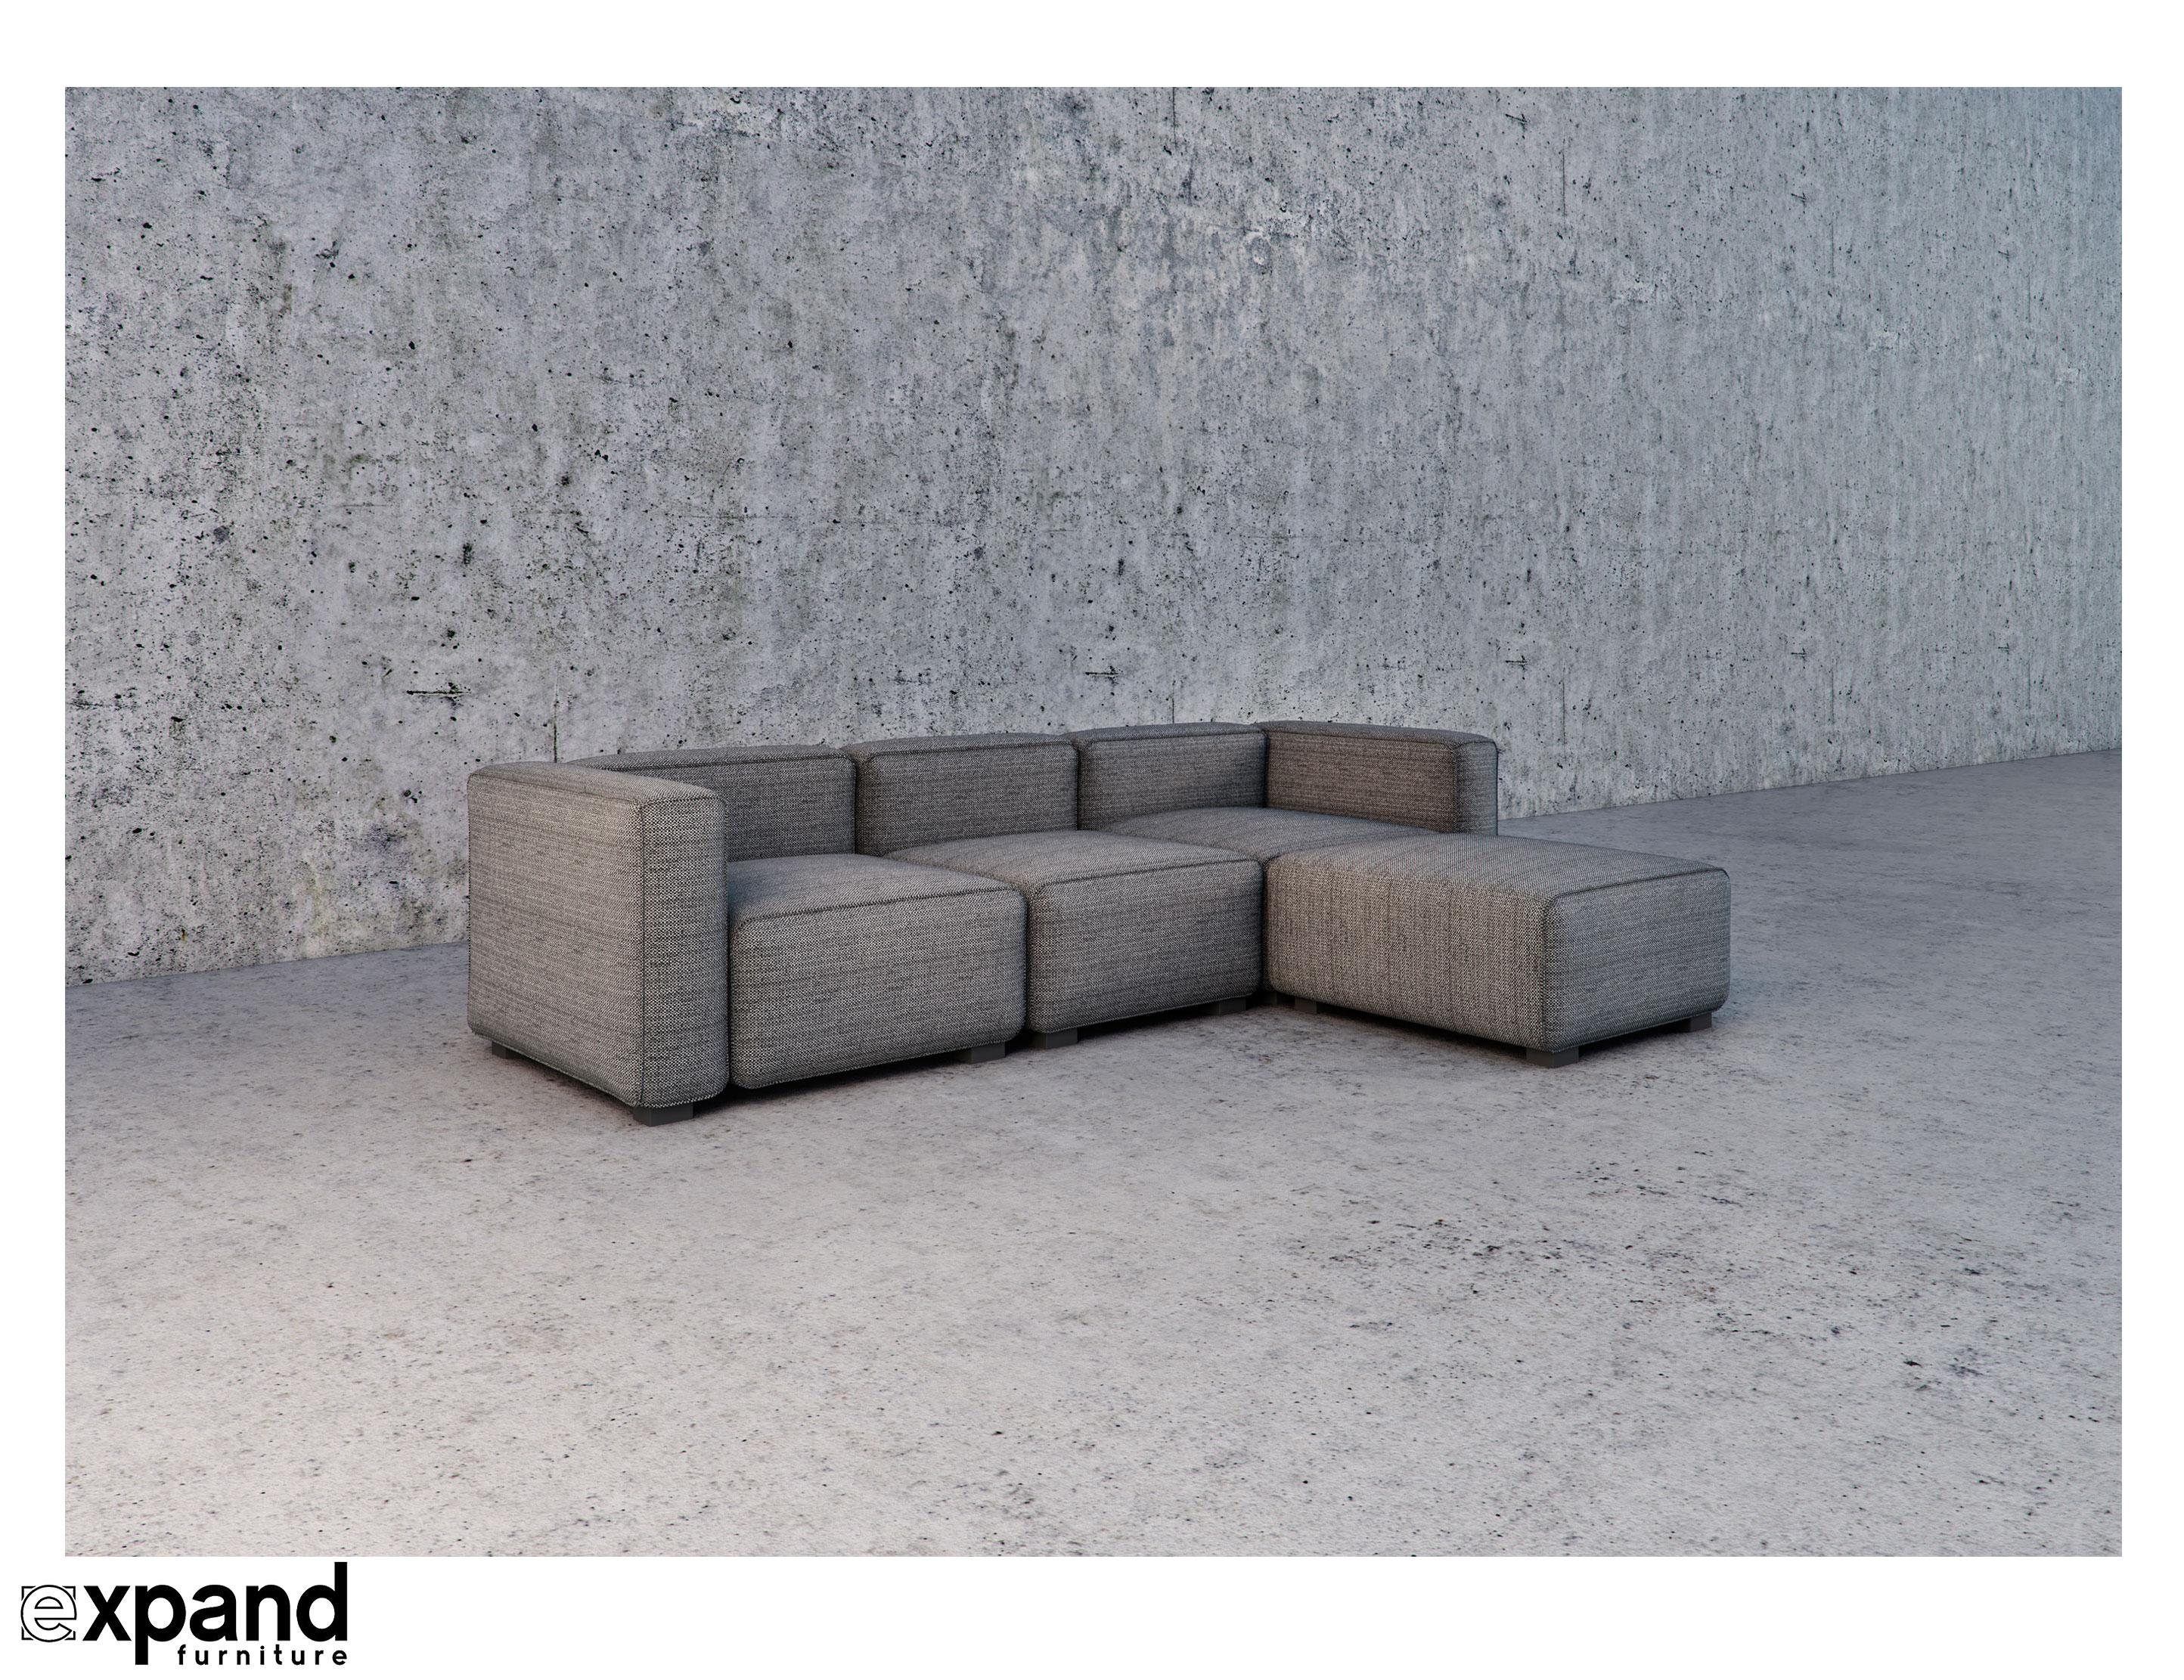 soft-cube  modern modular sofa set